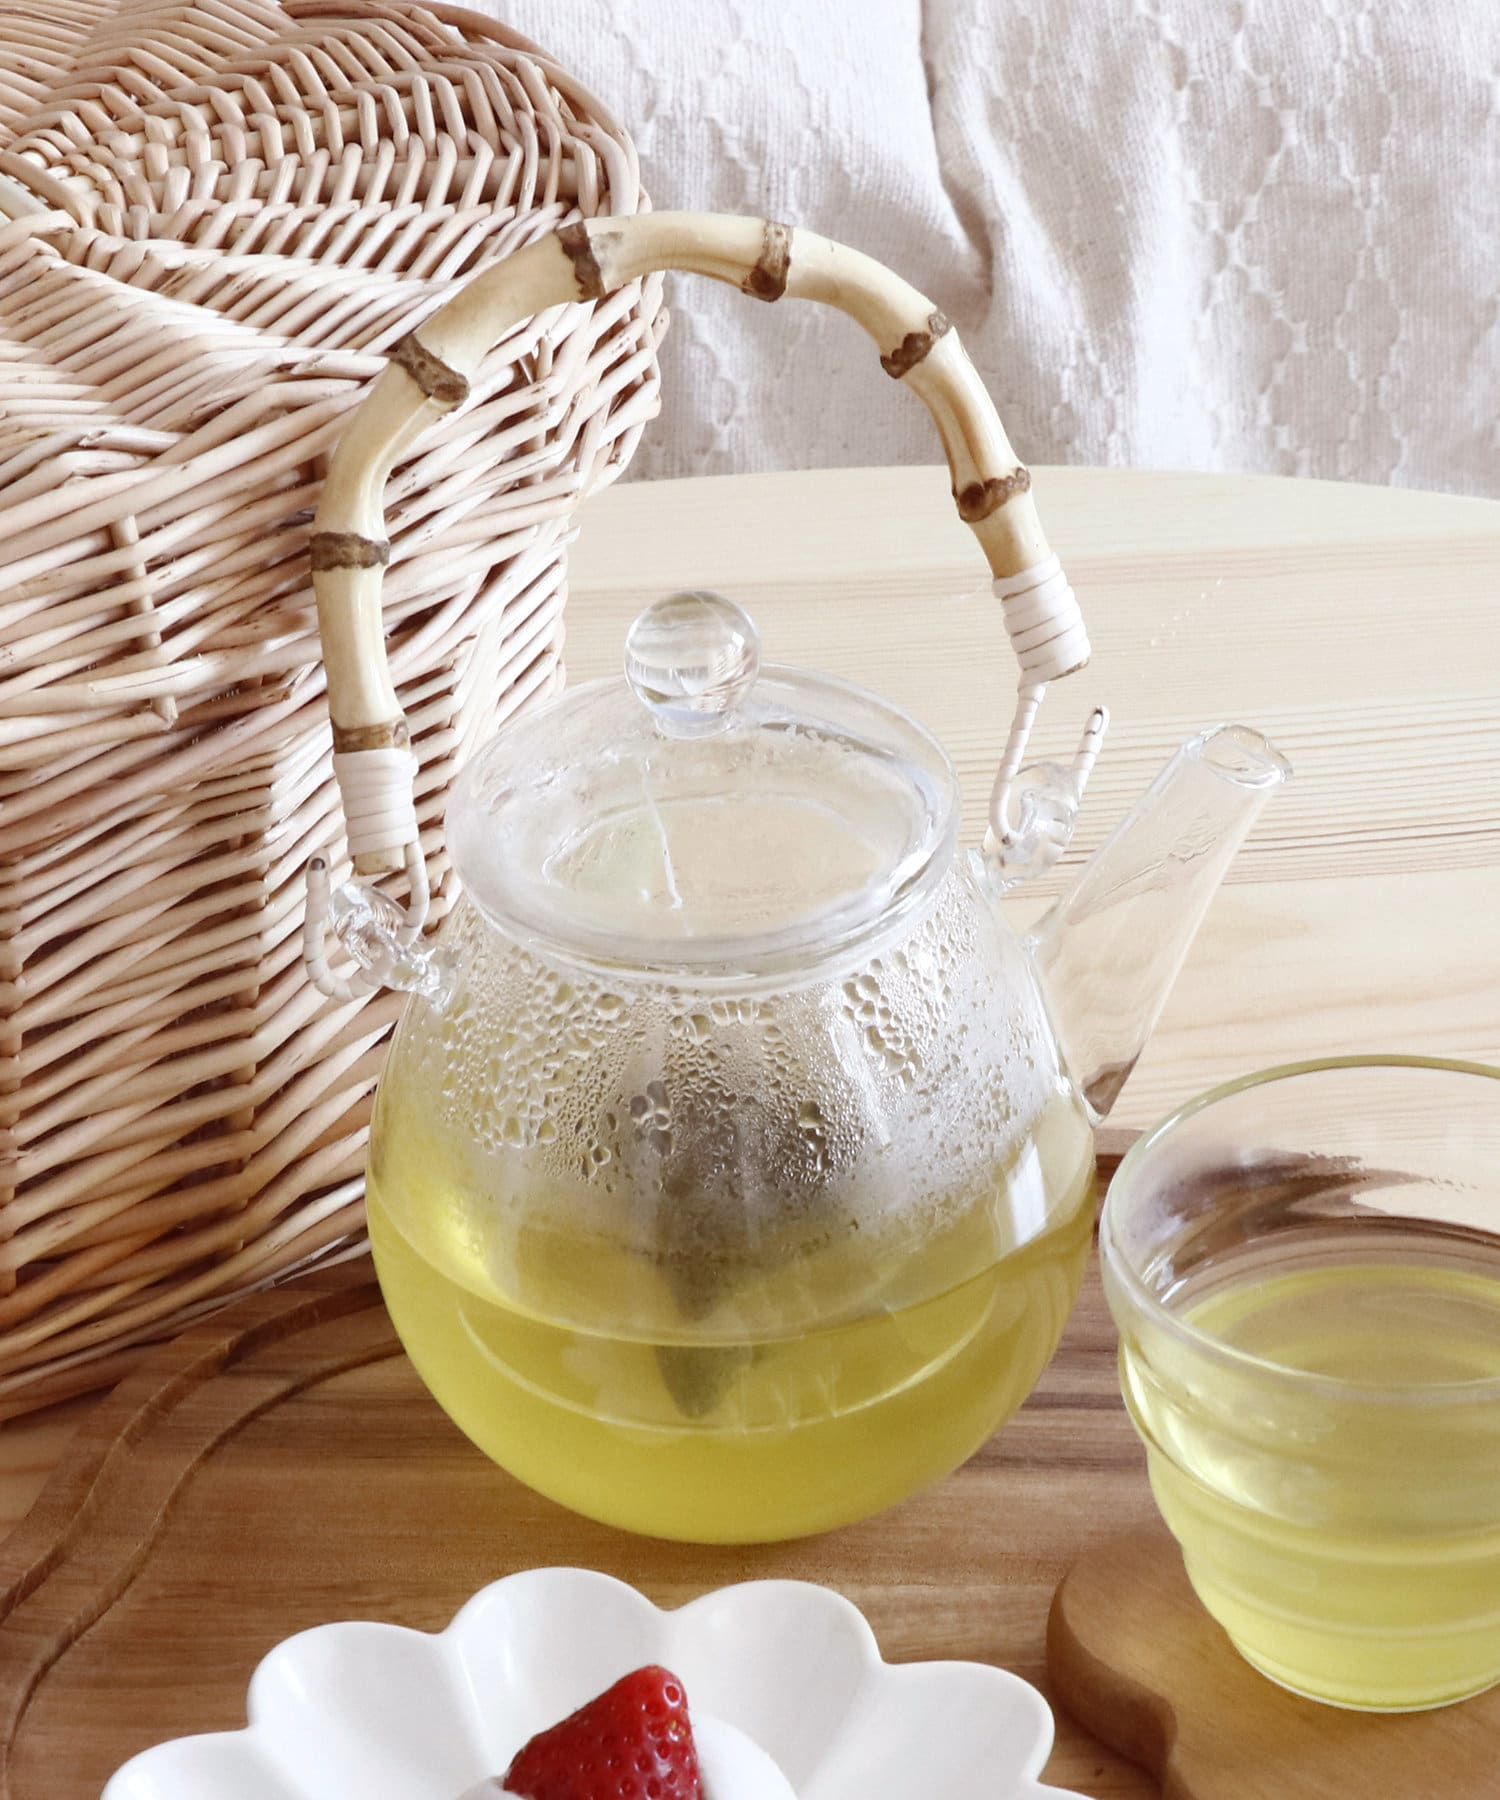 salut!(サリュ) ライフスタイル 【お茶とお花】竹取っ手耐熱ガラスポット その他